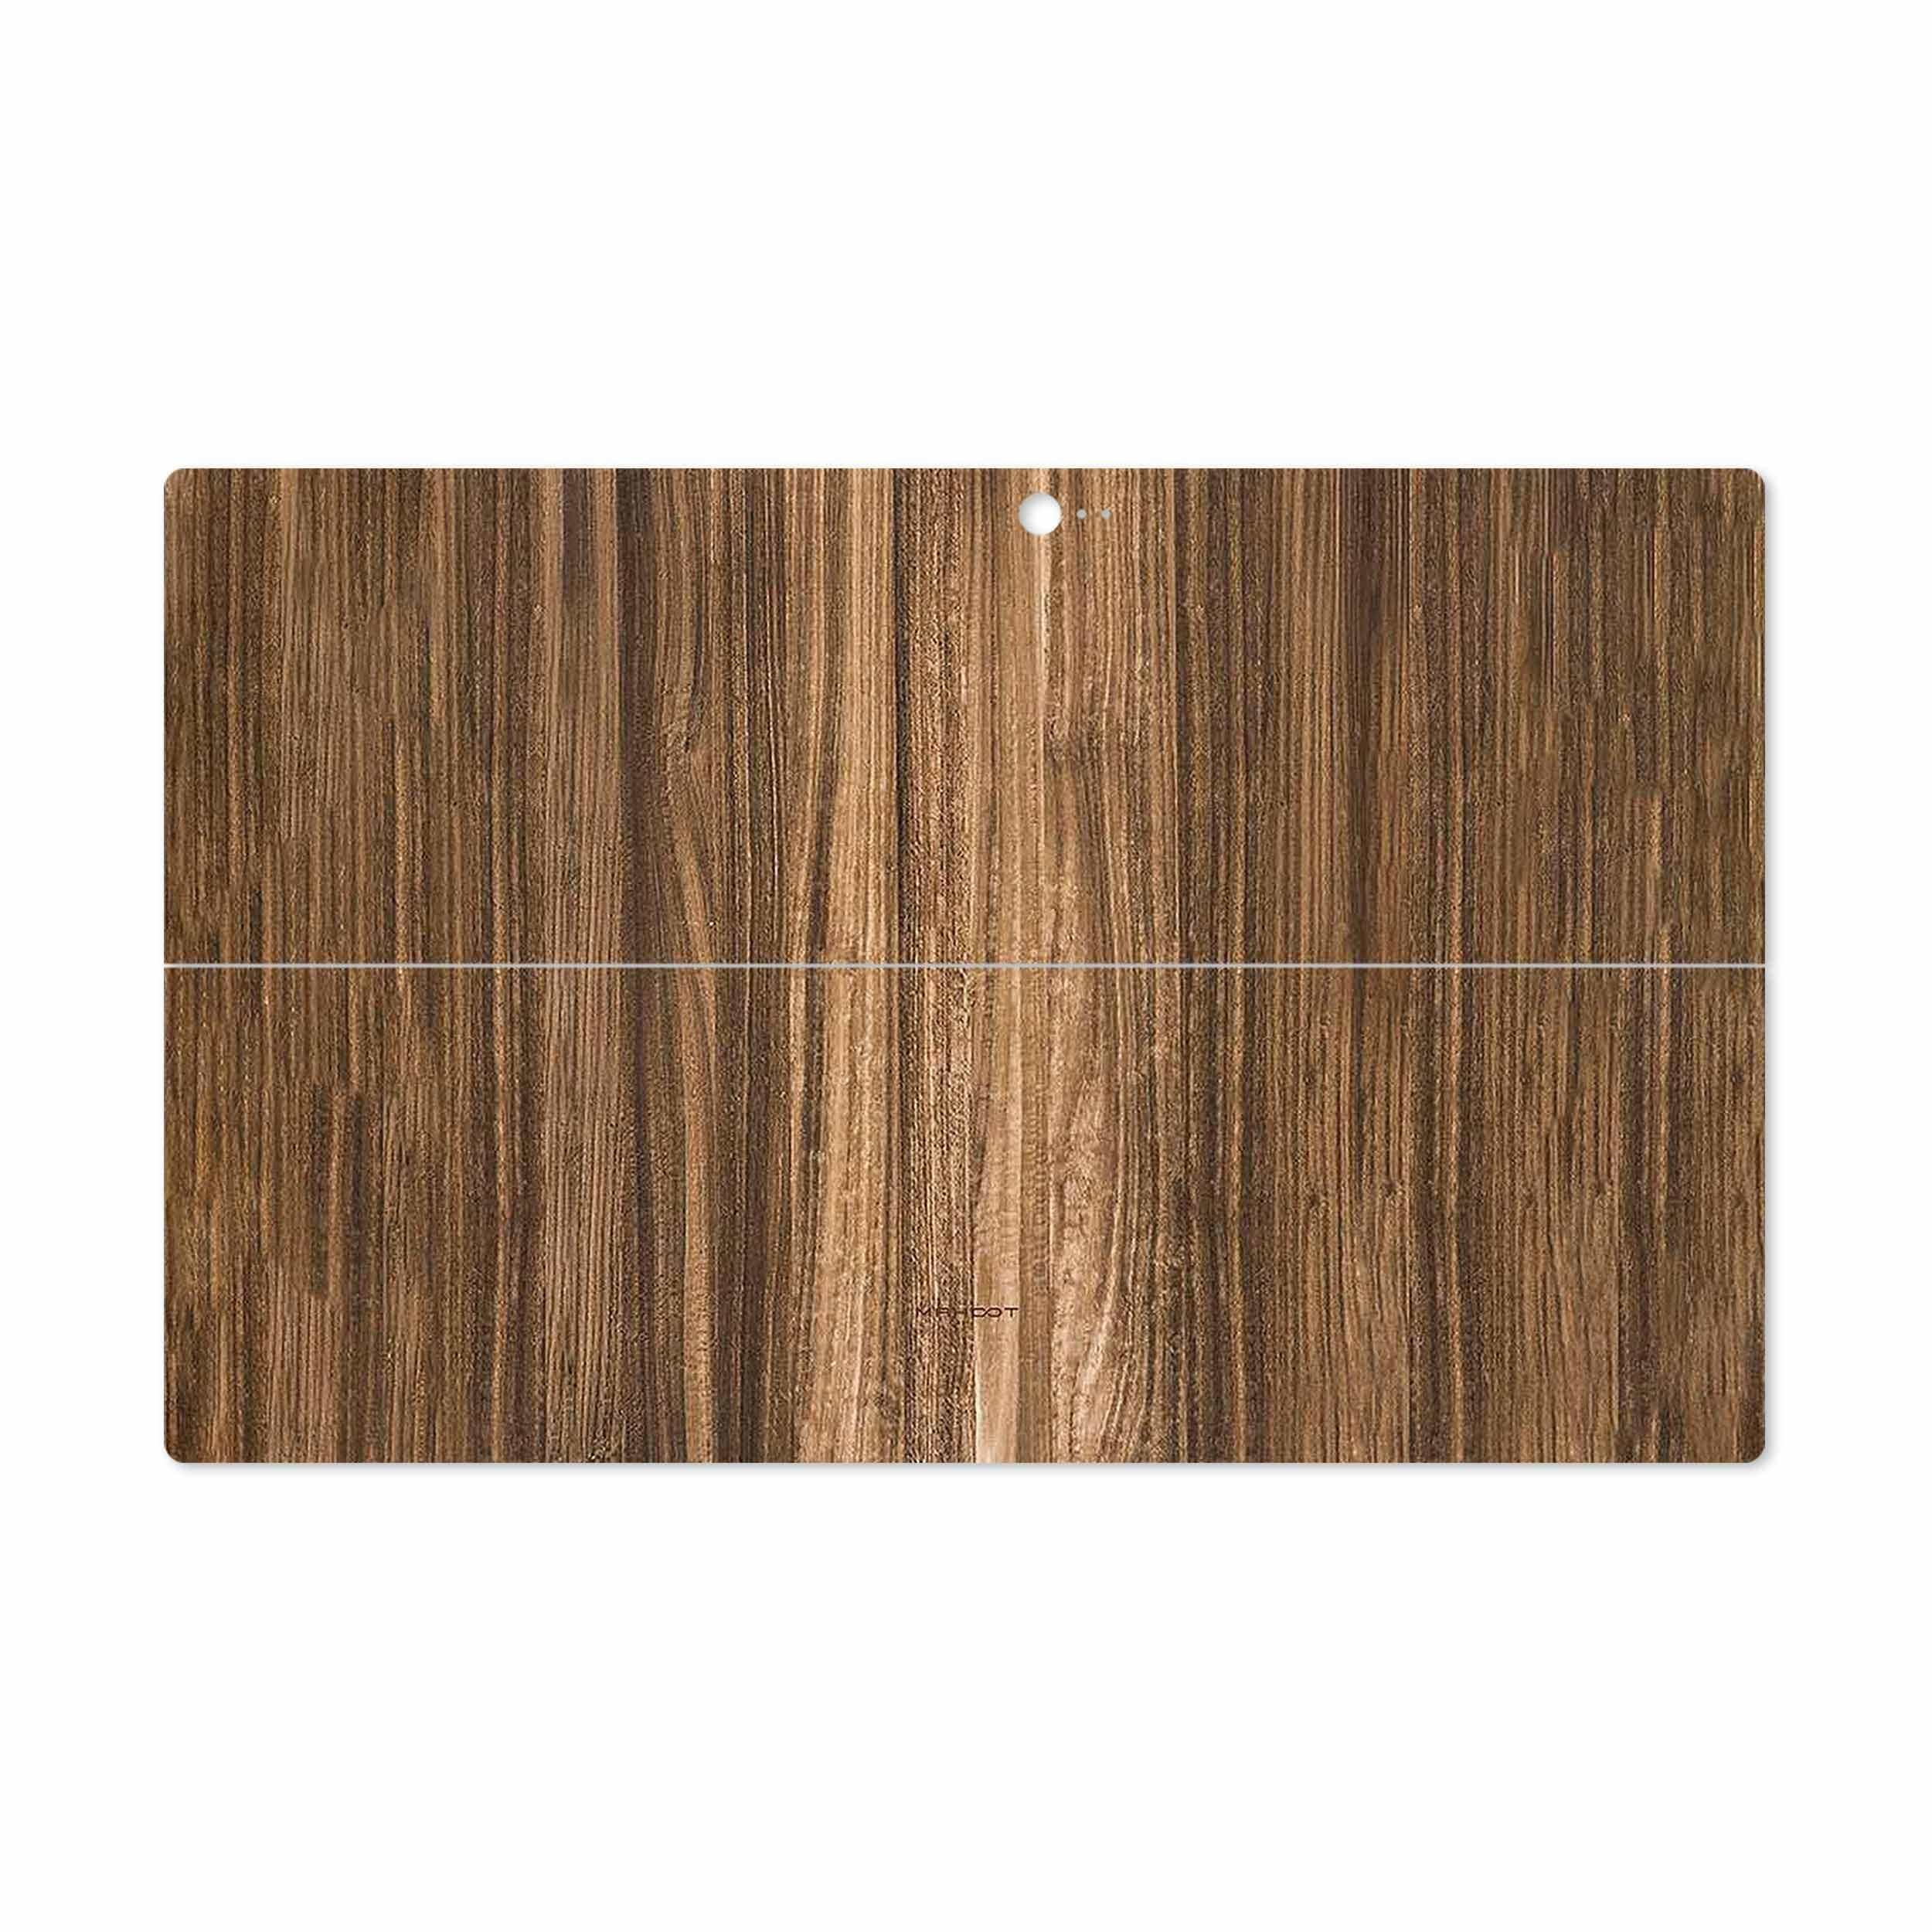 بررسی و خرید [با تخفیف]                                     برچسب پوششی ماهوت مدل Light Walnut Wood مناسب برای تبلت مایکروسافت Surface 2 RT 2013                             اورجینال